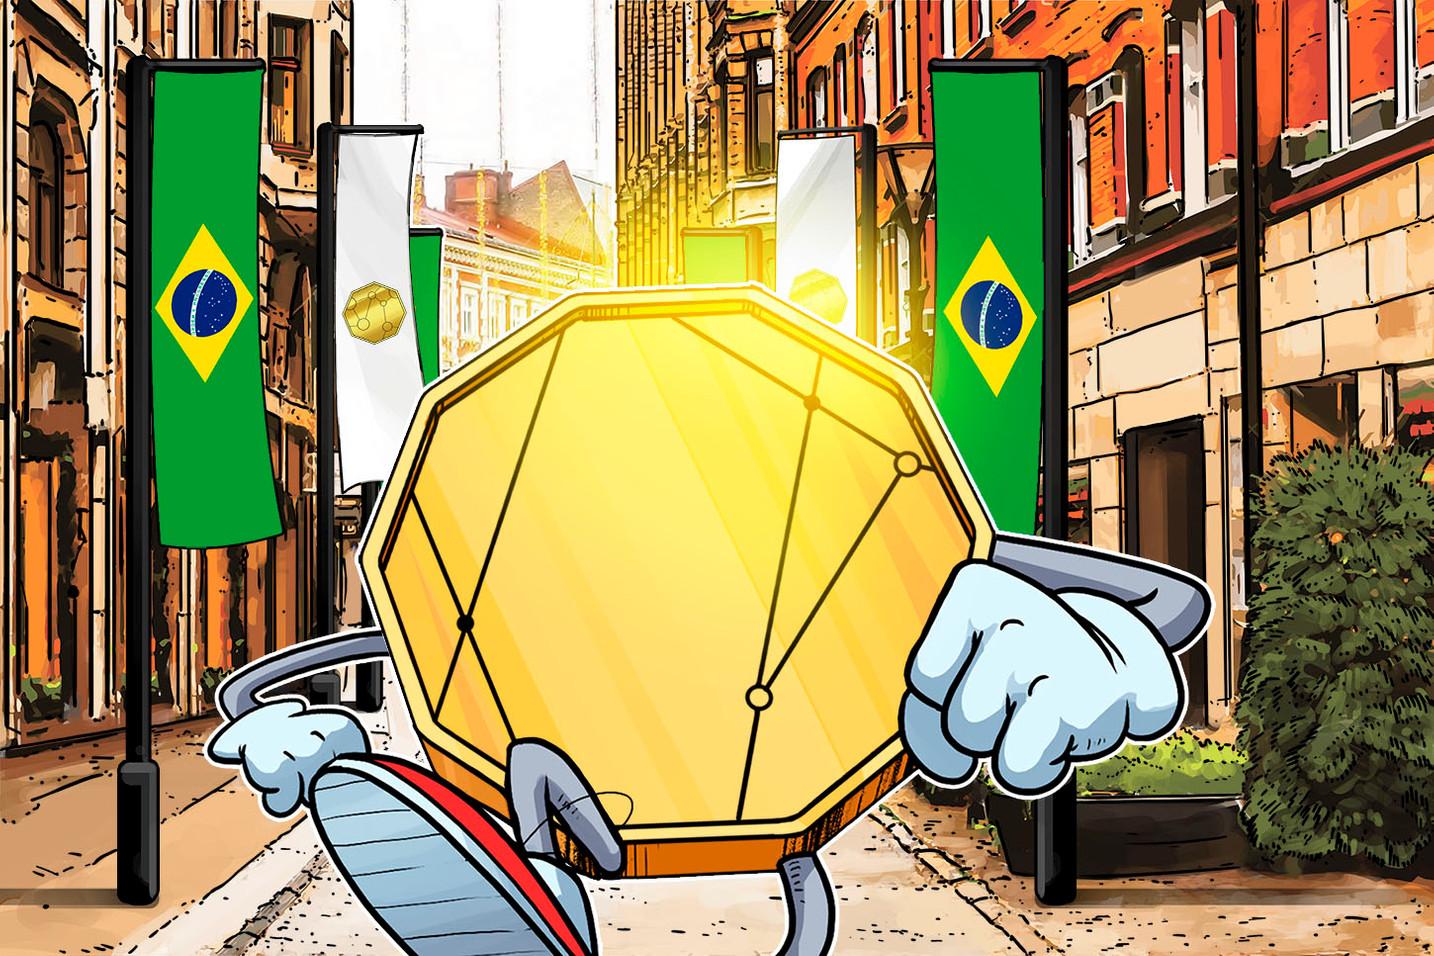 Deputado Aureo Ribeiro prevê três meses para apresentação de projeto para regular Bitcoin e criptomoedas no Brasil